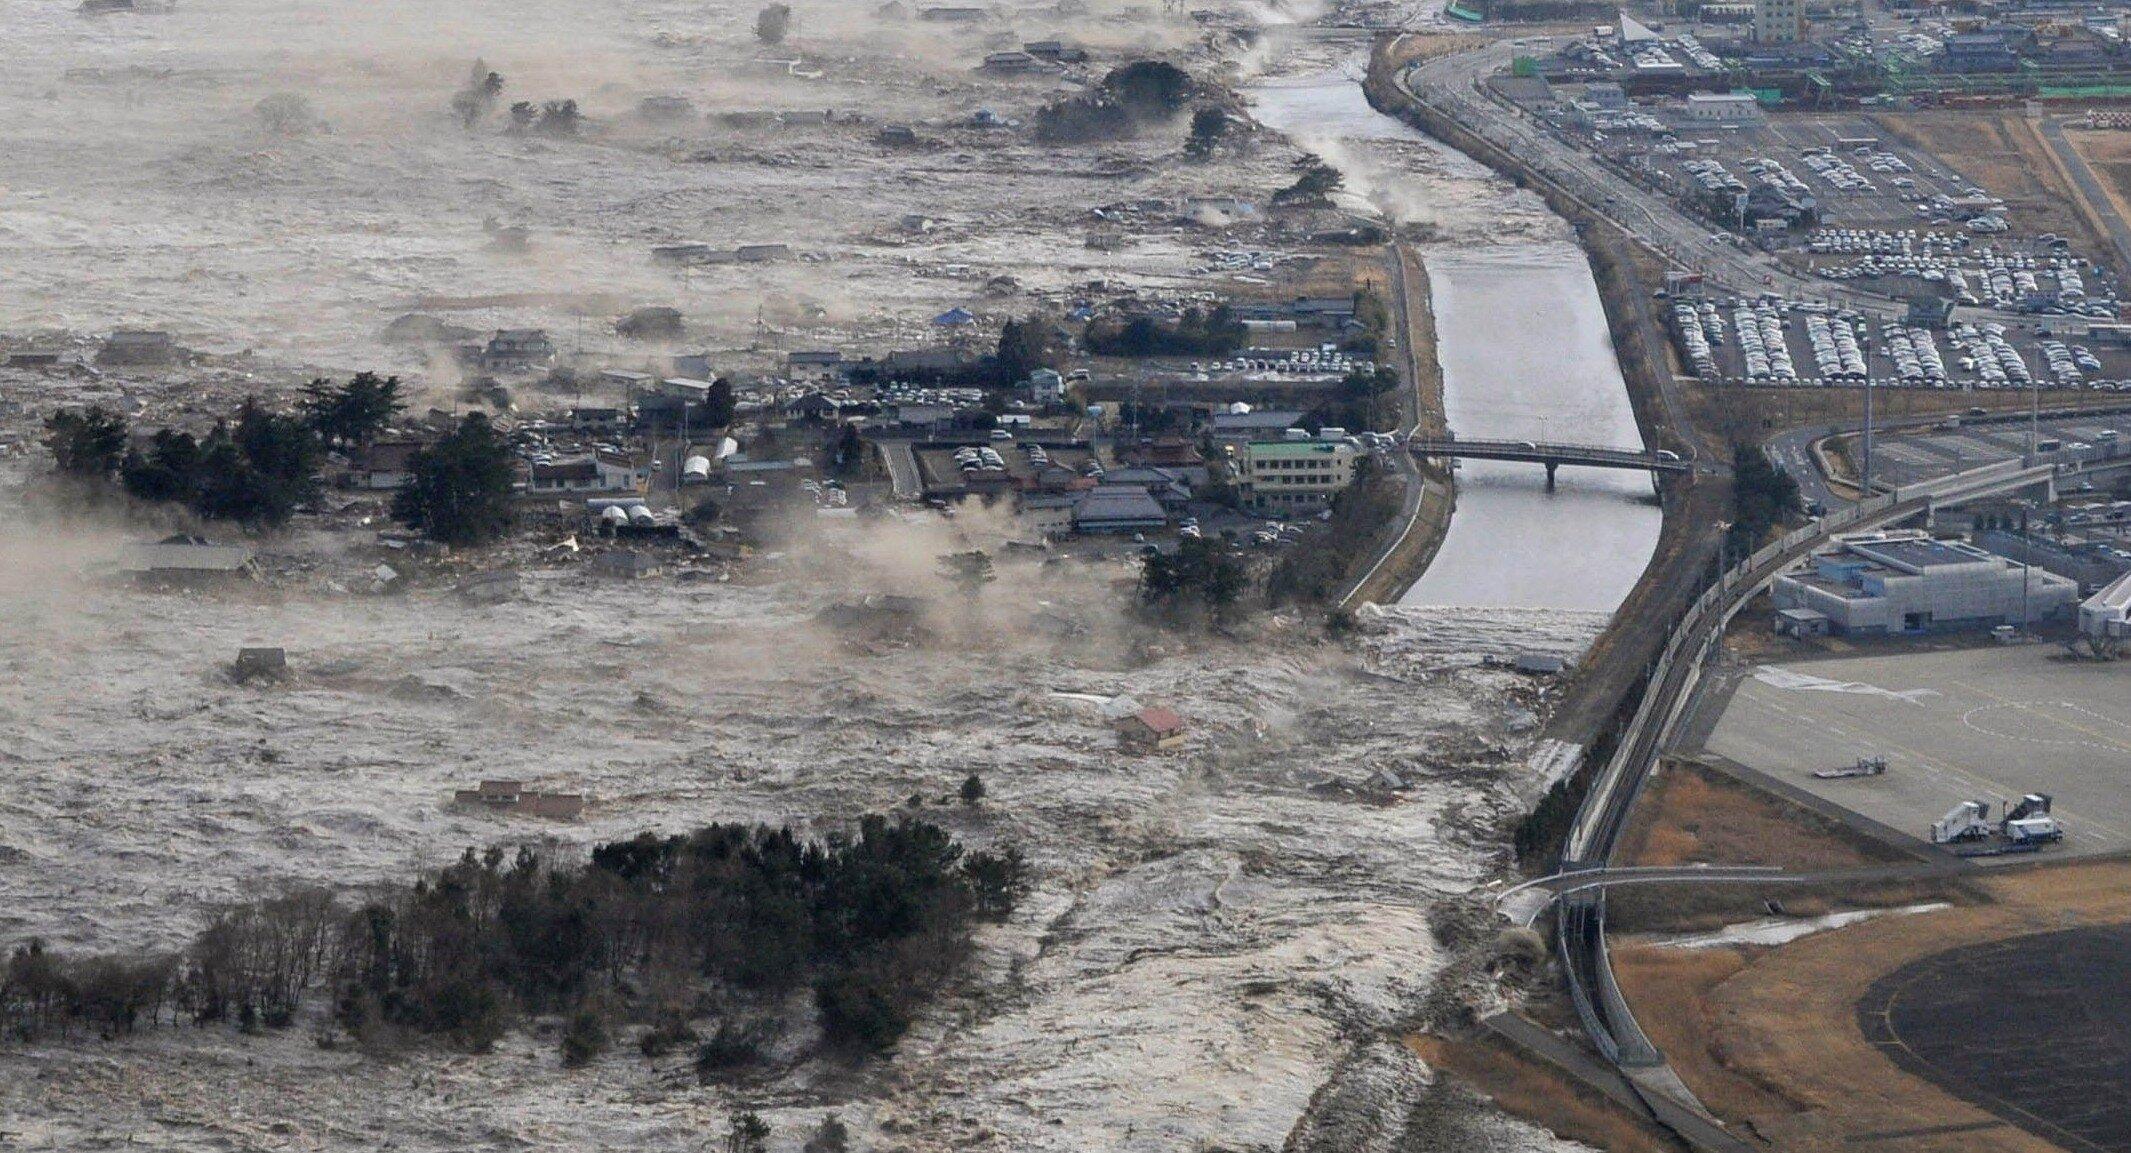 Japonia| Cutremur de 7,2 grade pe scara Richter. Alertă de tsunami